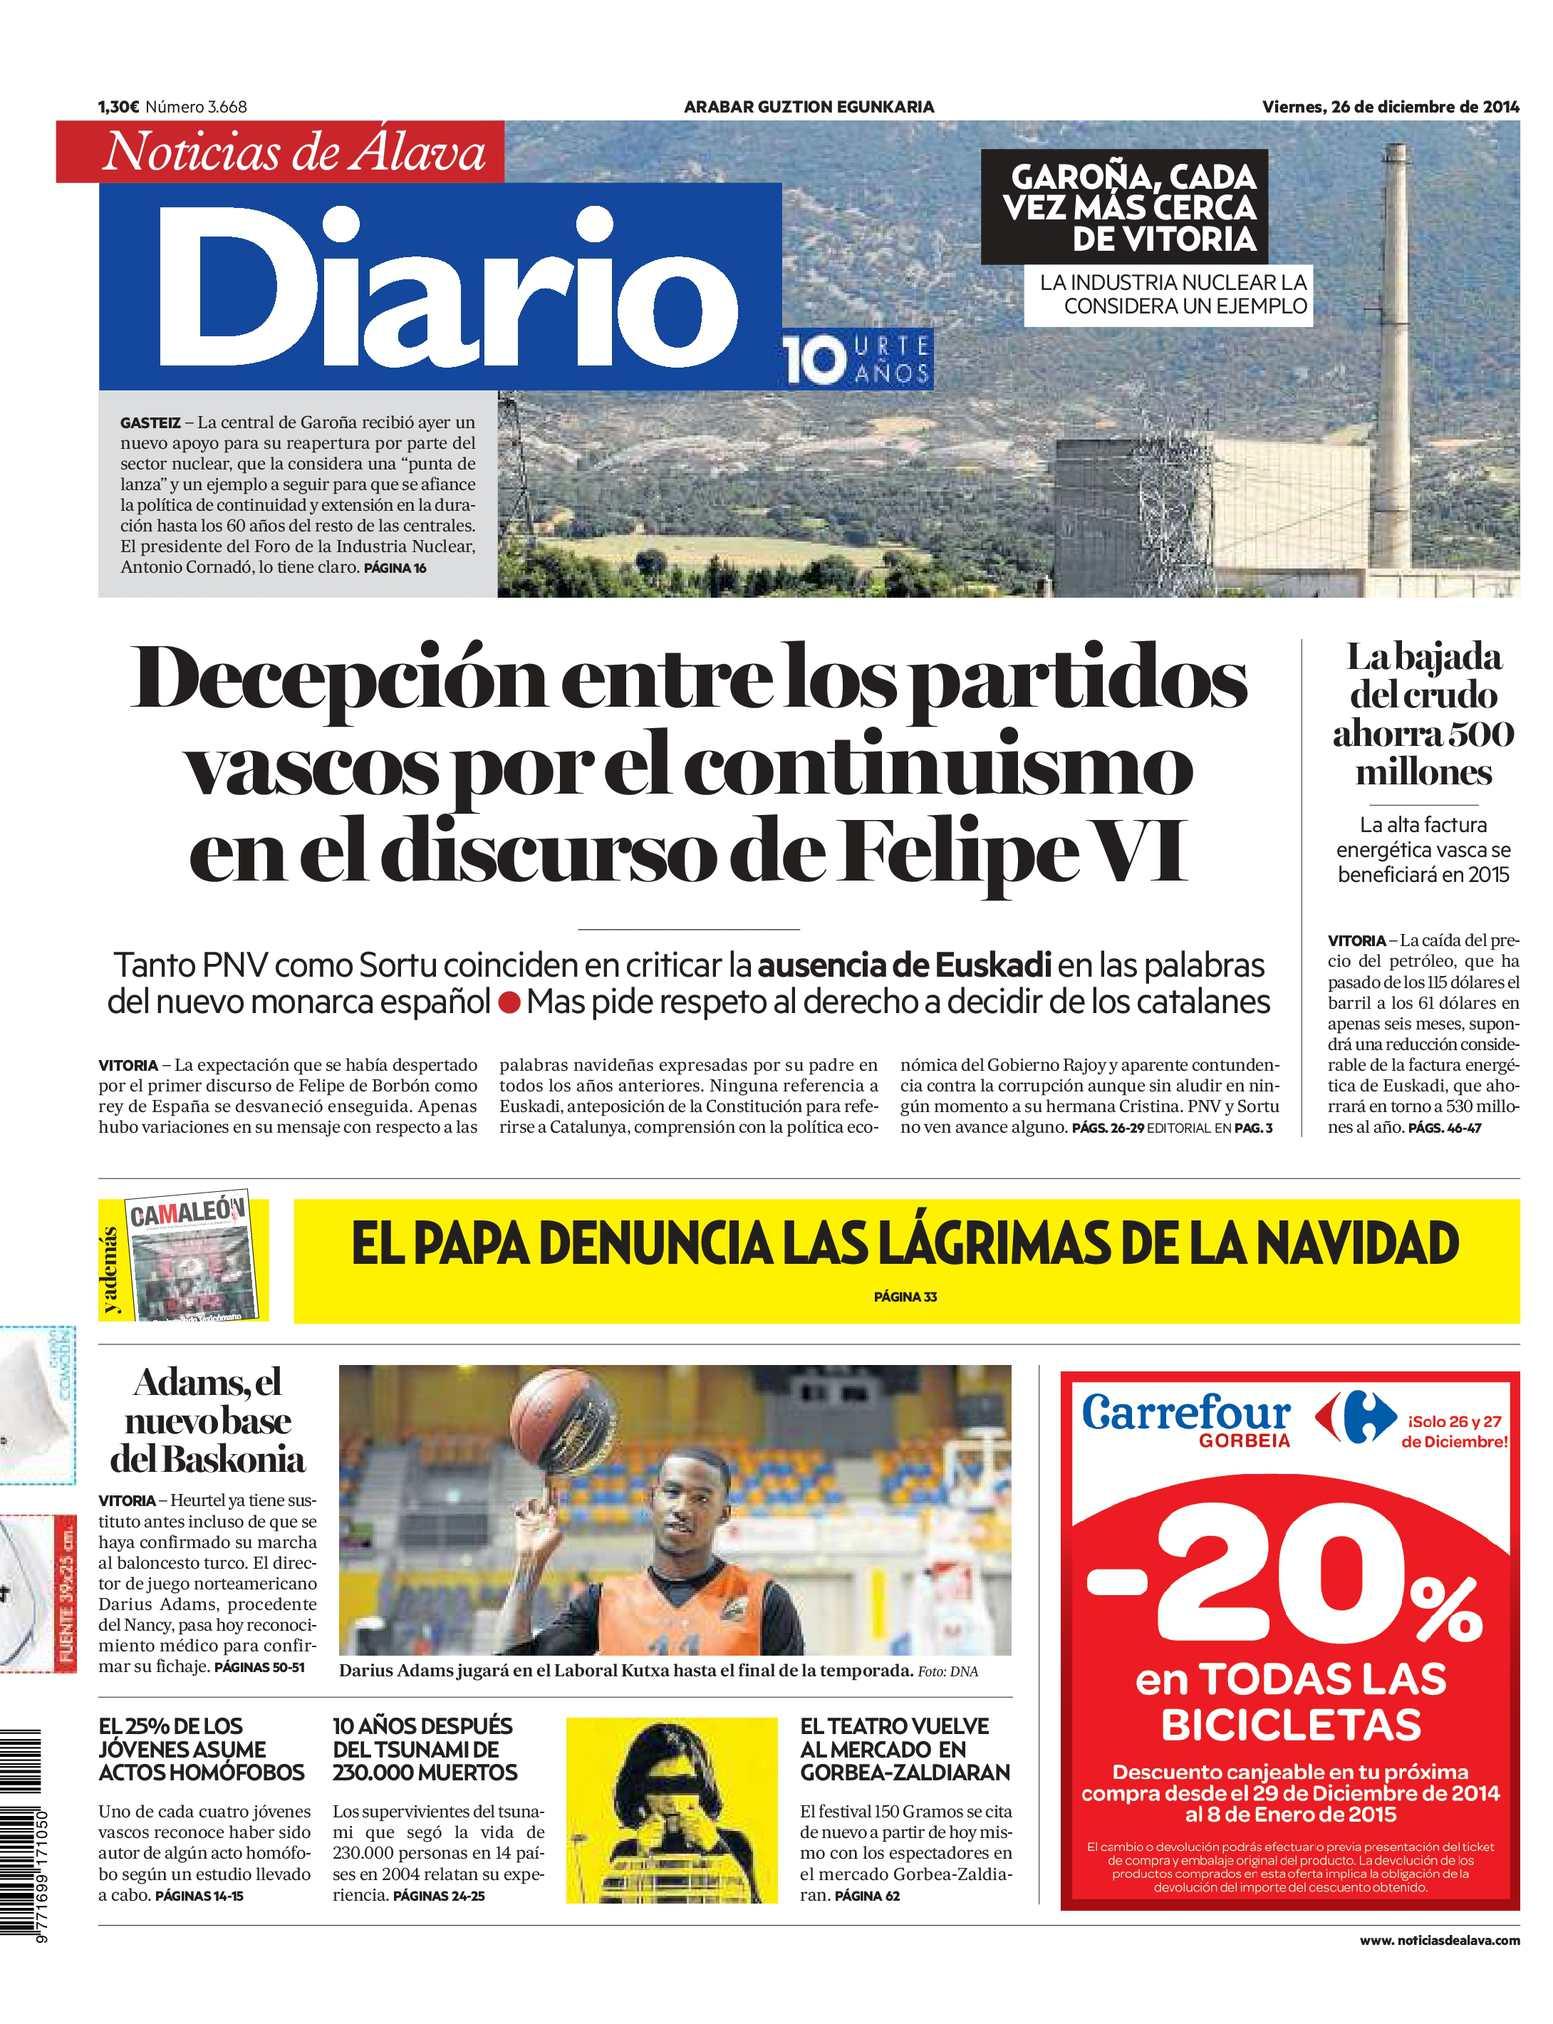 Operación Oficial Hasbro Tablero De Juego De Café De Cerámica Taza-Nuevo En La Foto Cuadro